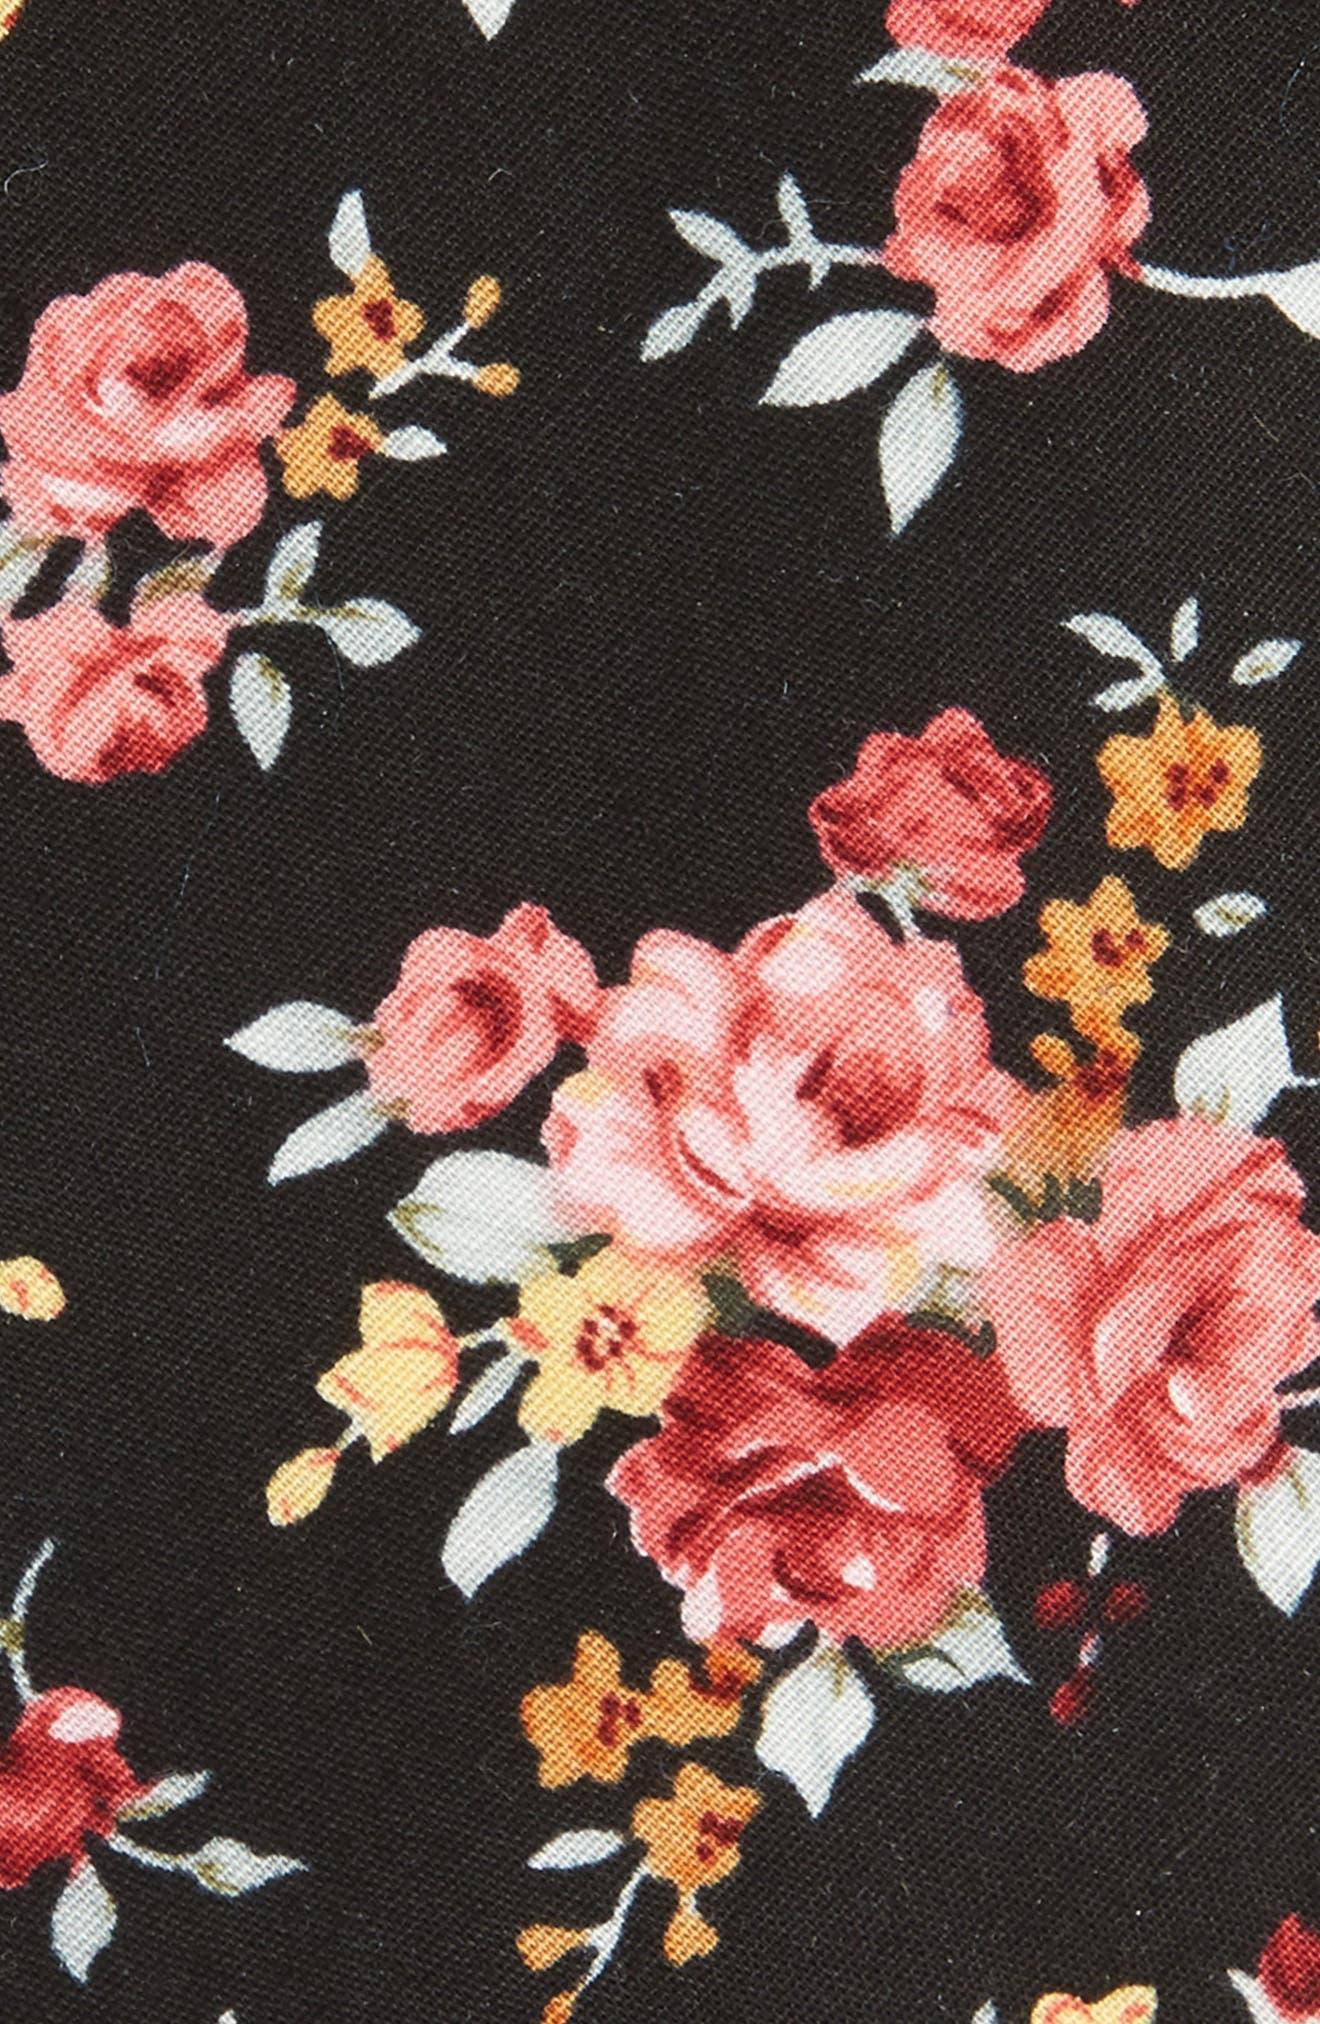 Knapp Floral Cotton Tie,                             Alternate thumbnail 2, color,                             001